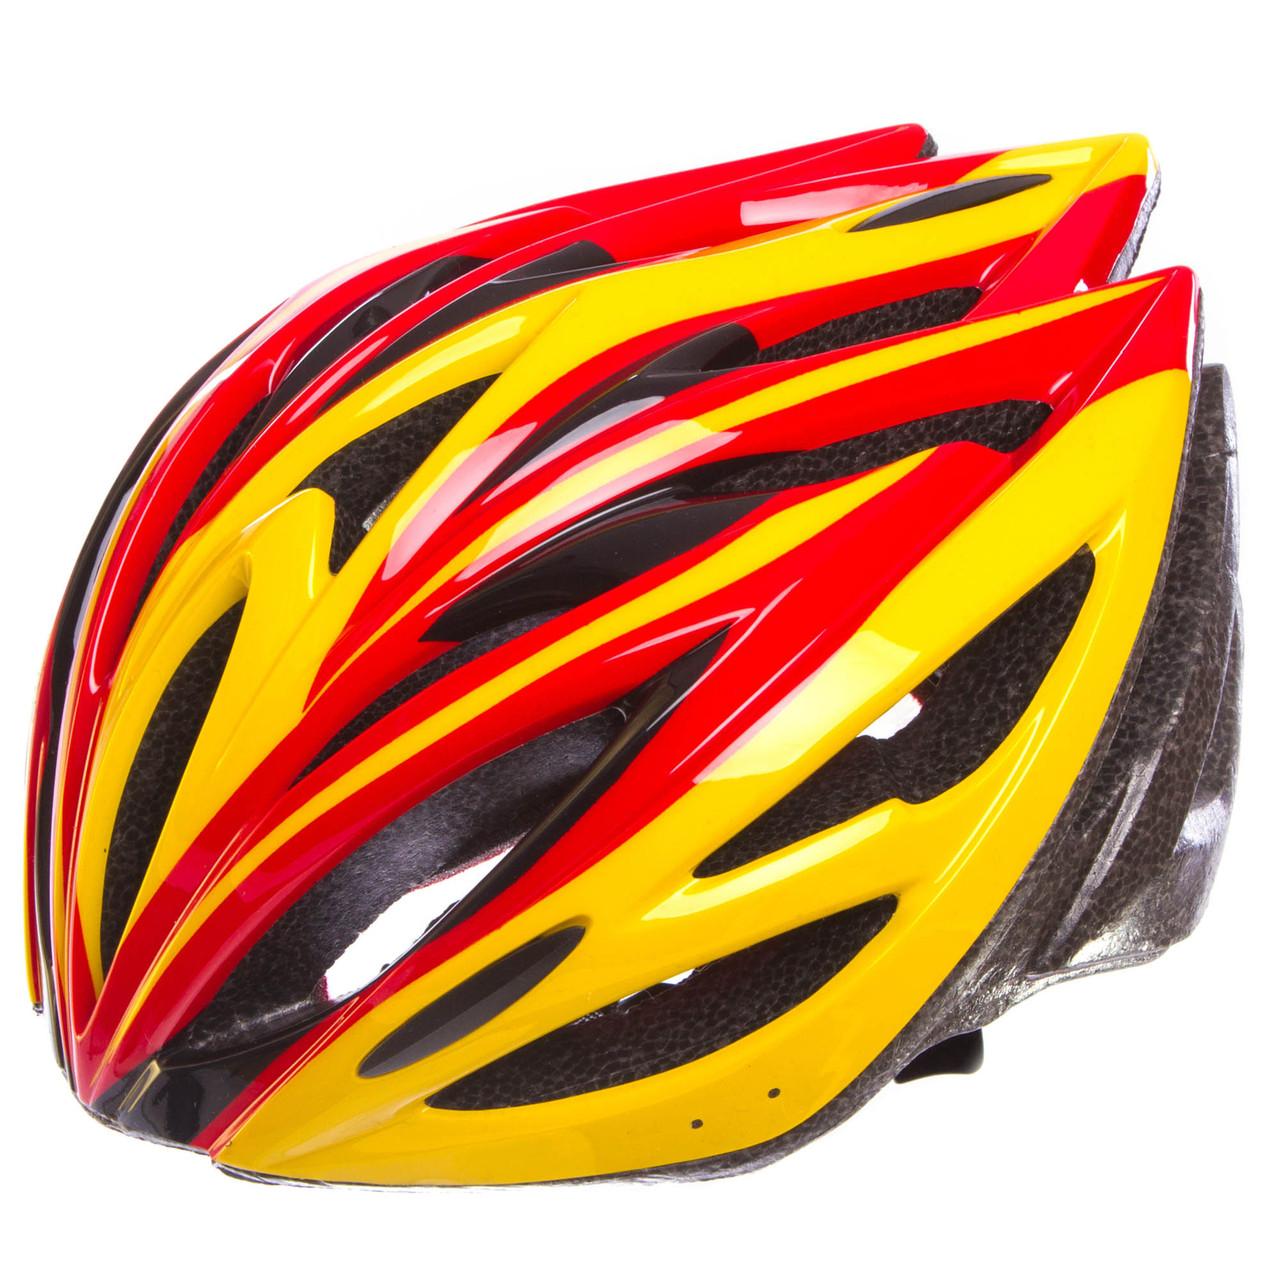 Шлем защитный с механизмом регулировки Zelart, EPS, PE, р-р L-54-56, 12 отверстий, желтый (SK-5612)